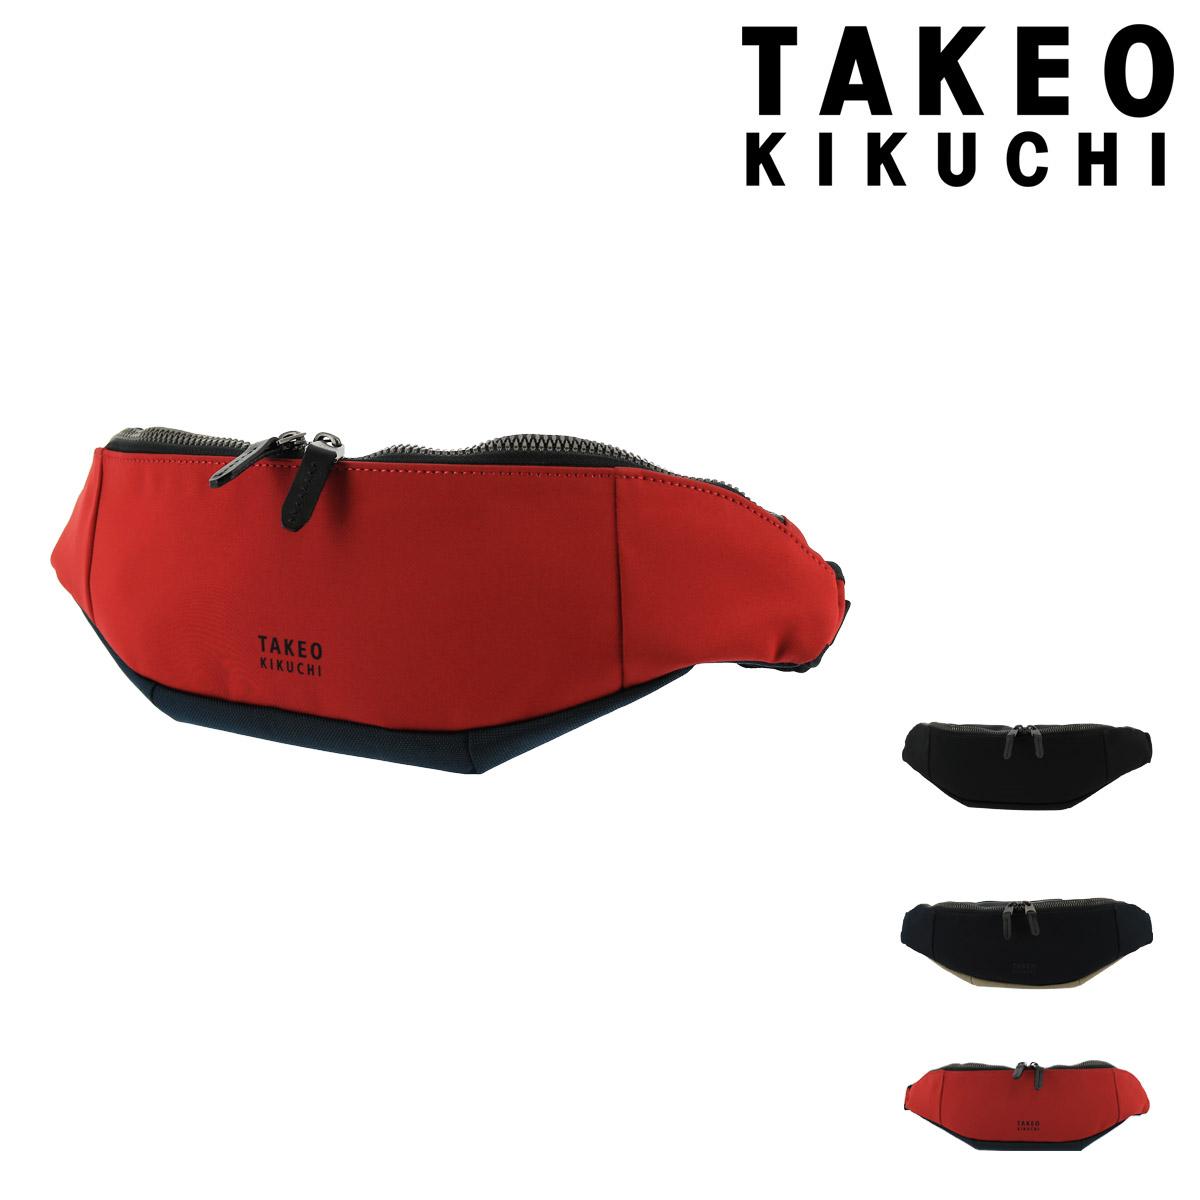 タケオキクチ ウエストポーチ テムズ メンズ775901 日本製 TAKEO KIKUCHI   ウエストバッグ 撥水 軽量 [PO5][bef]